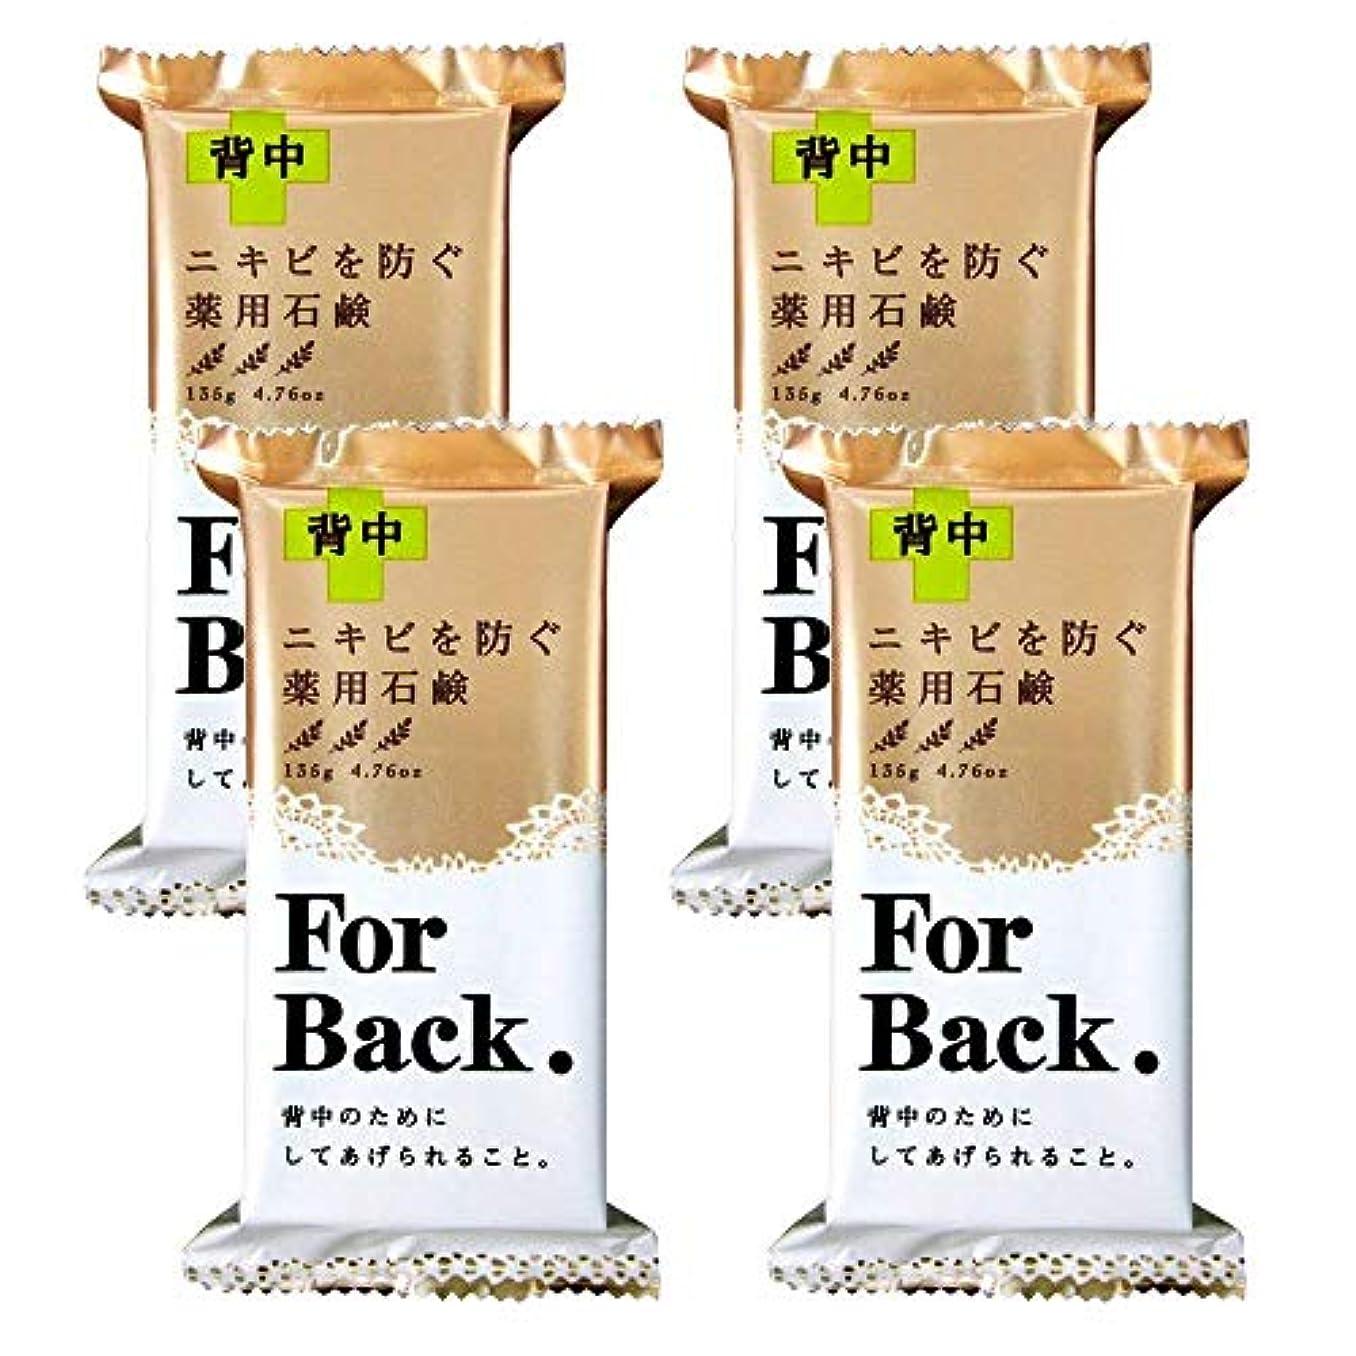 管理同一の原始的な薬用石鹸 ForBack 135g×4個セット